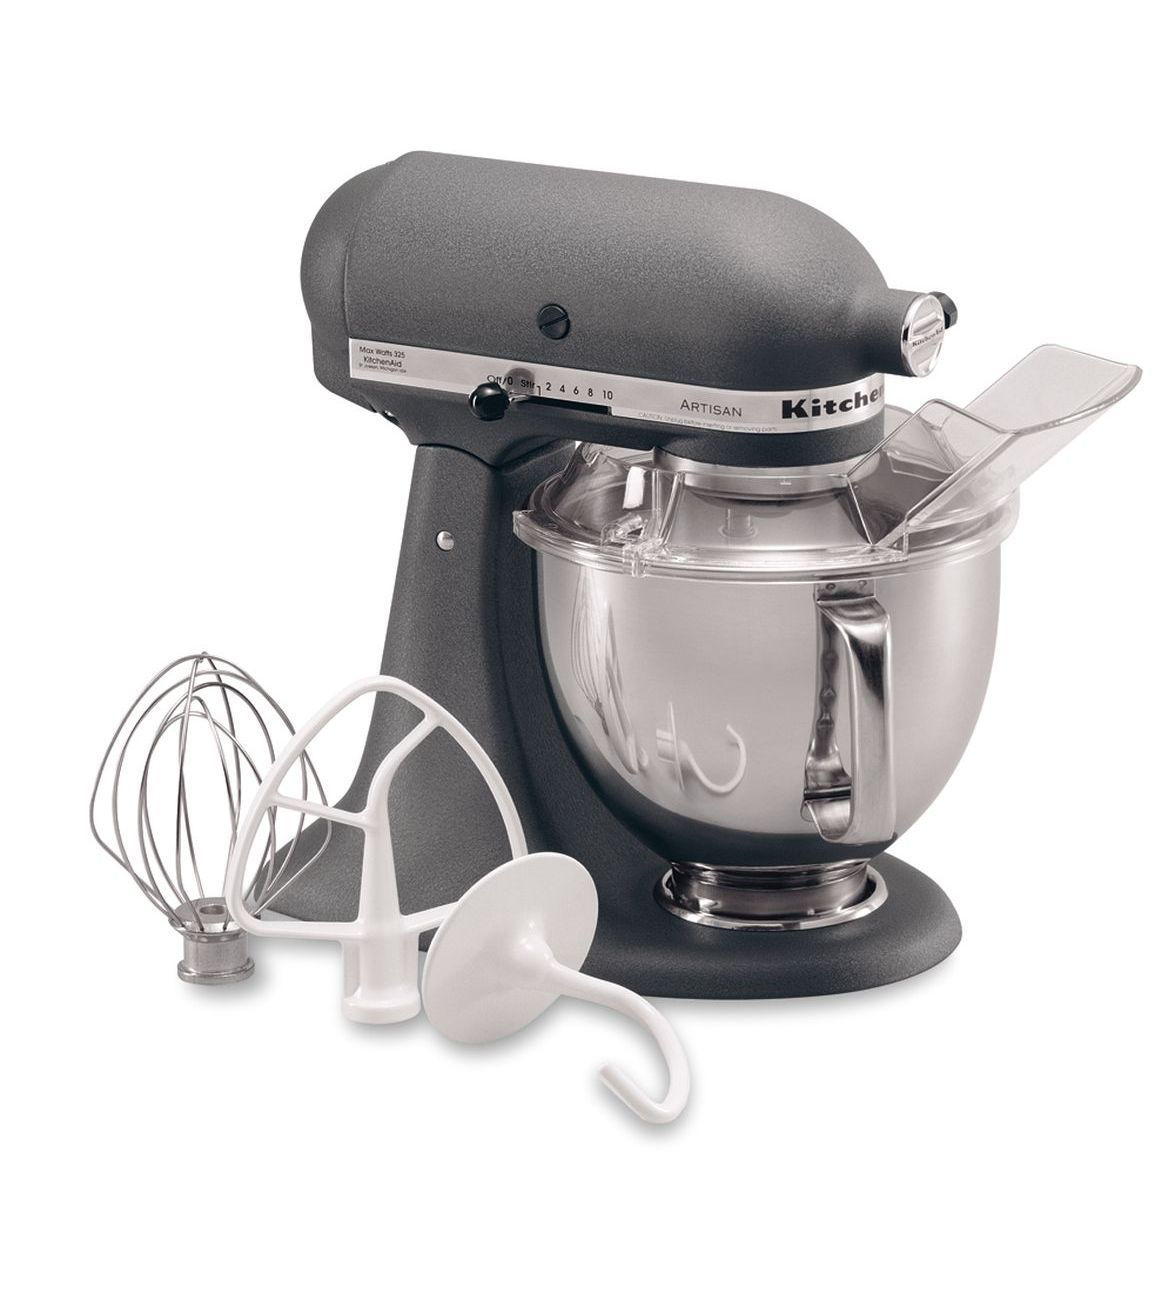 Artisan series 5 quart tilthead stand mixer kitchenaid